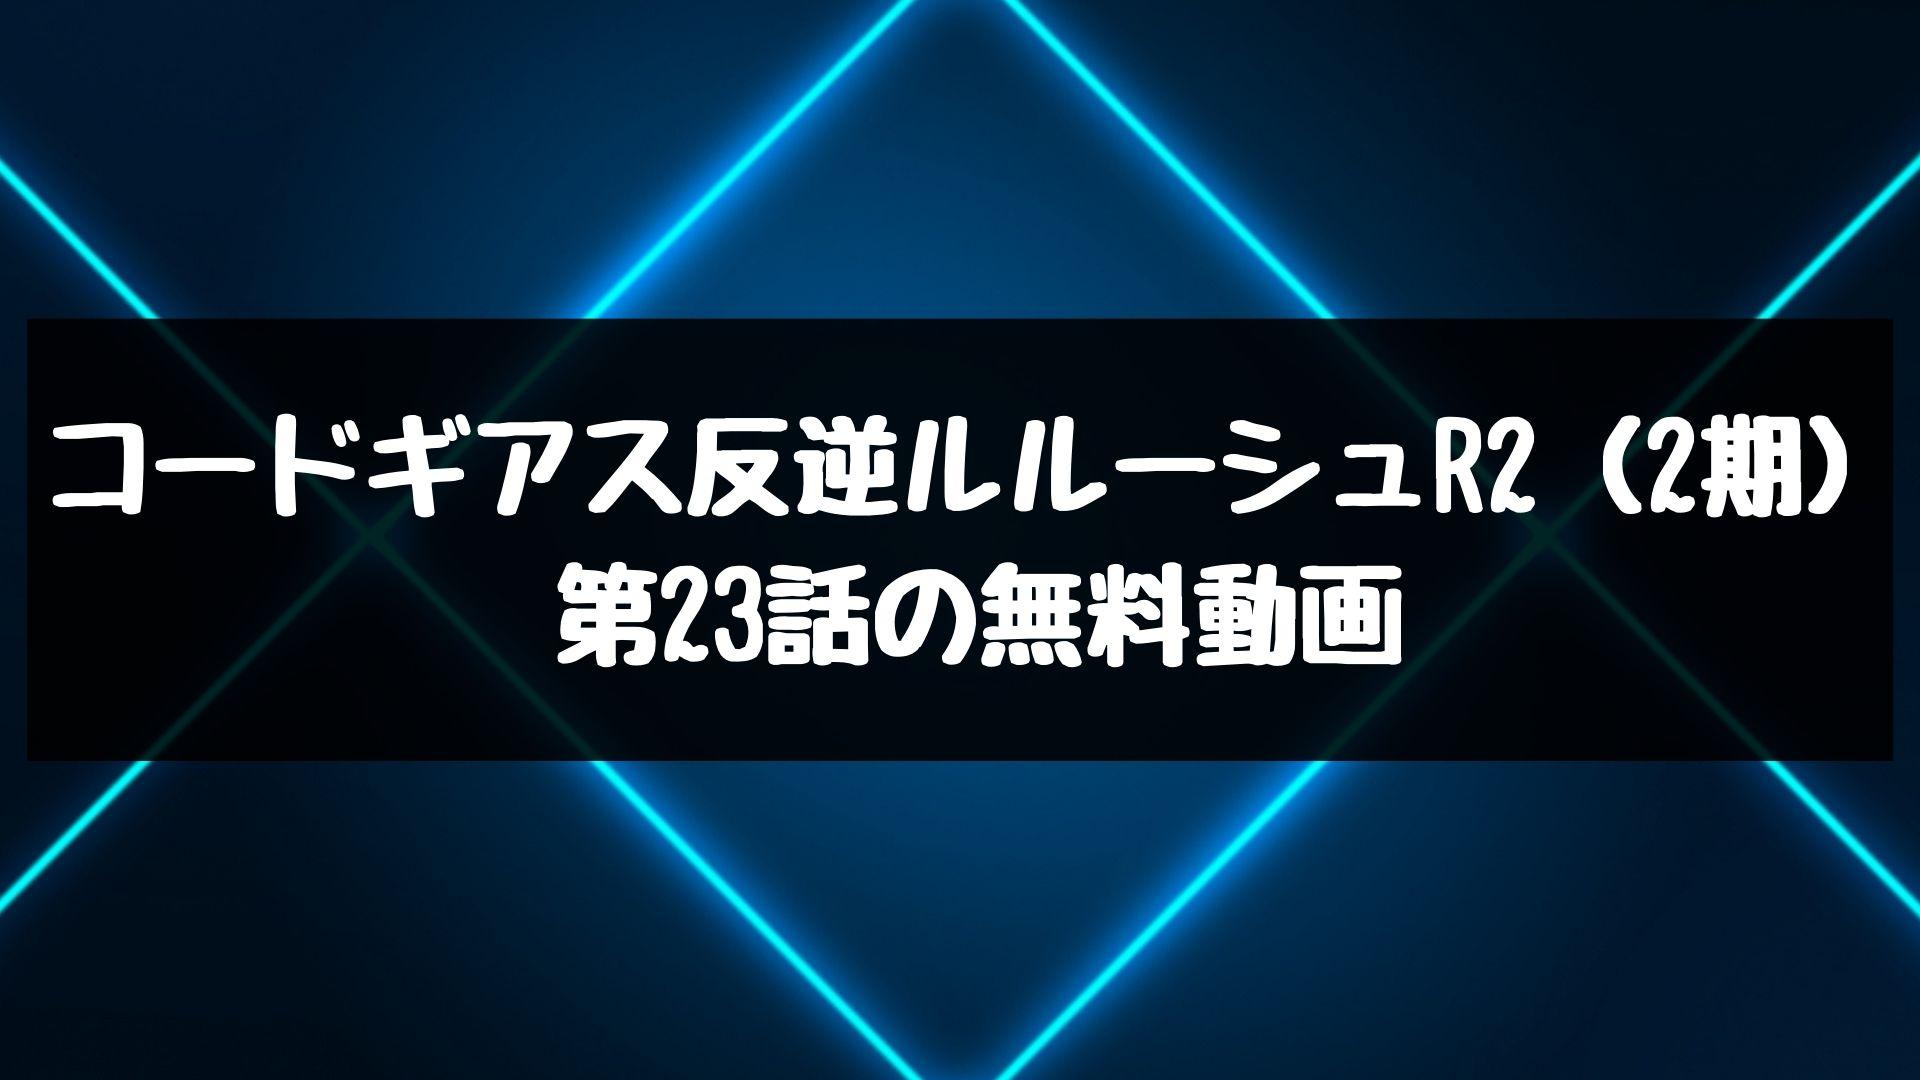 コードギアス反逆ルルーシュR2(2期) 第23話の無料動画